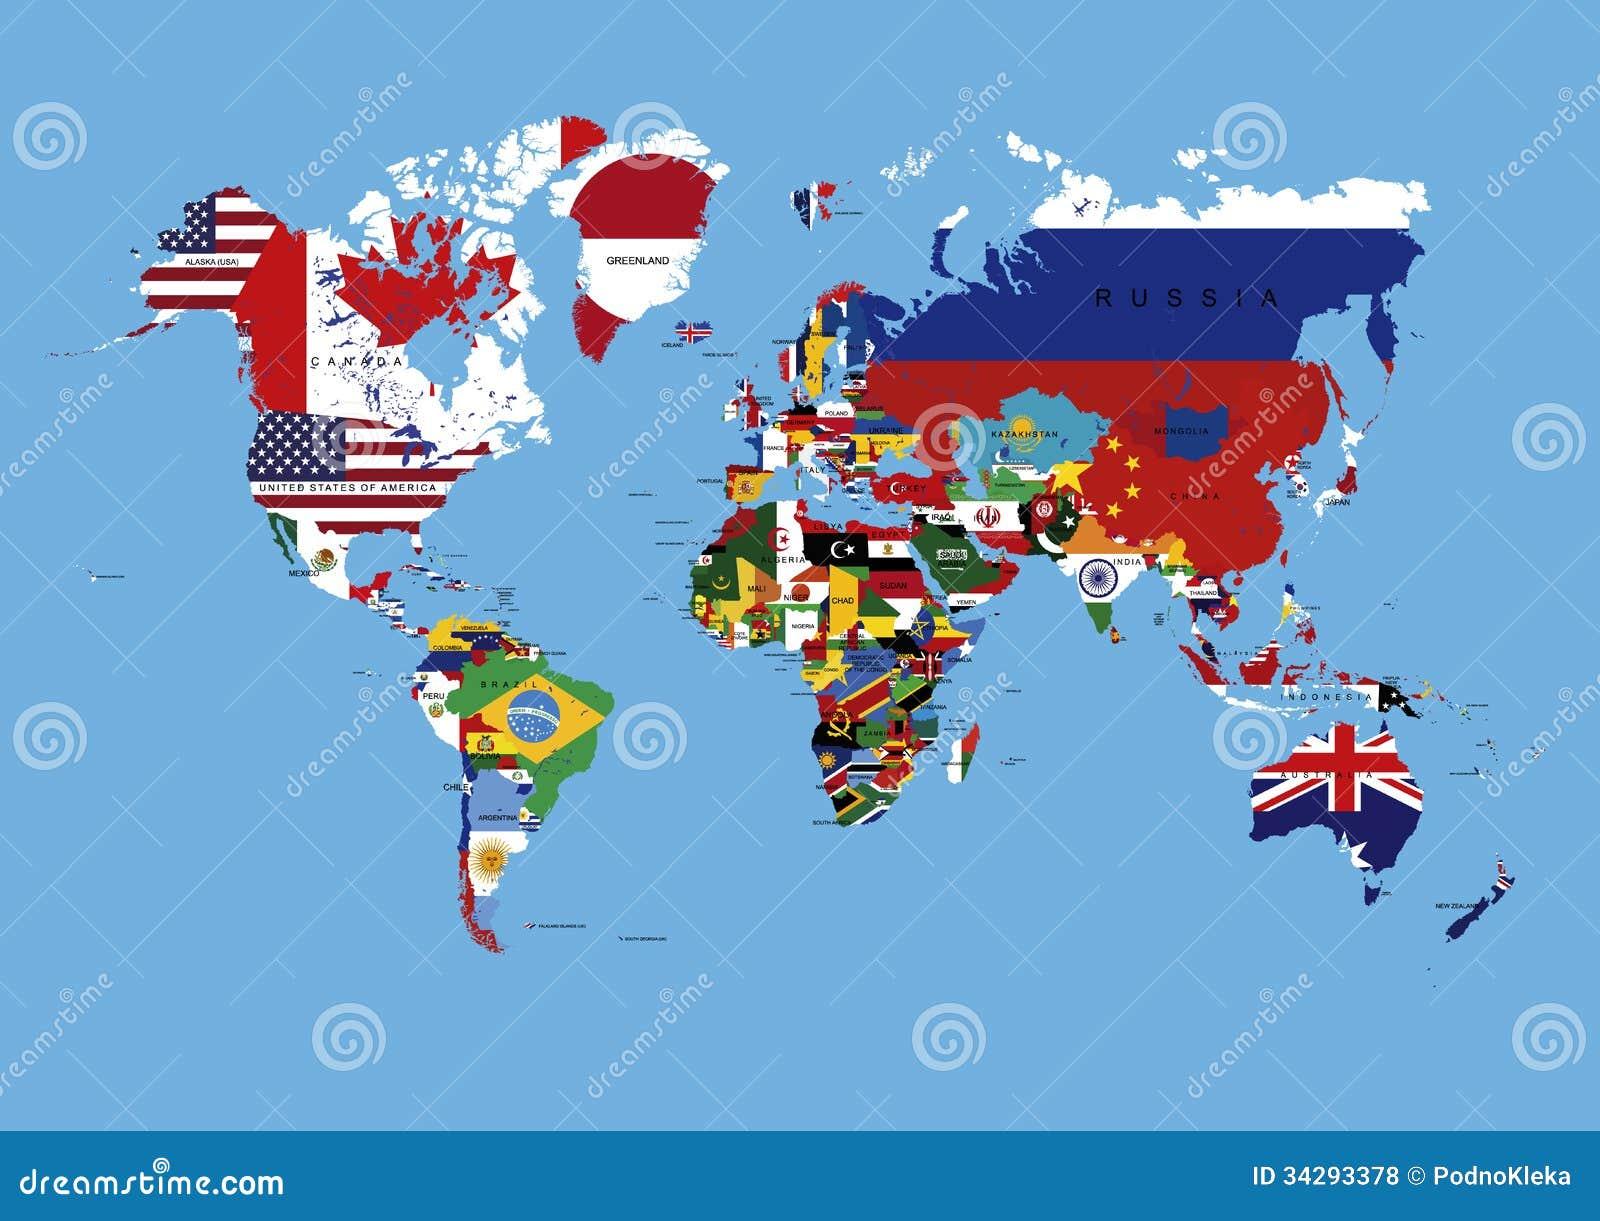 Mapa Del Mundo Coloreado En Banderas Y Nombres De Paises Stock De